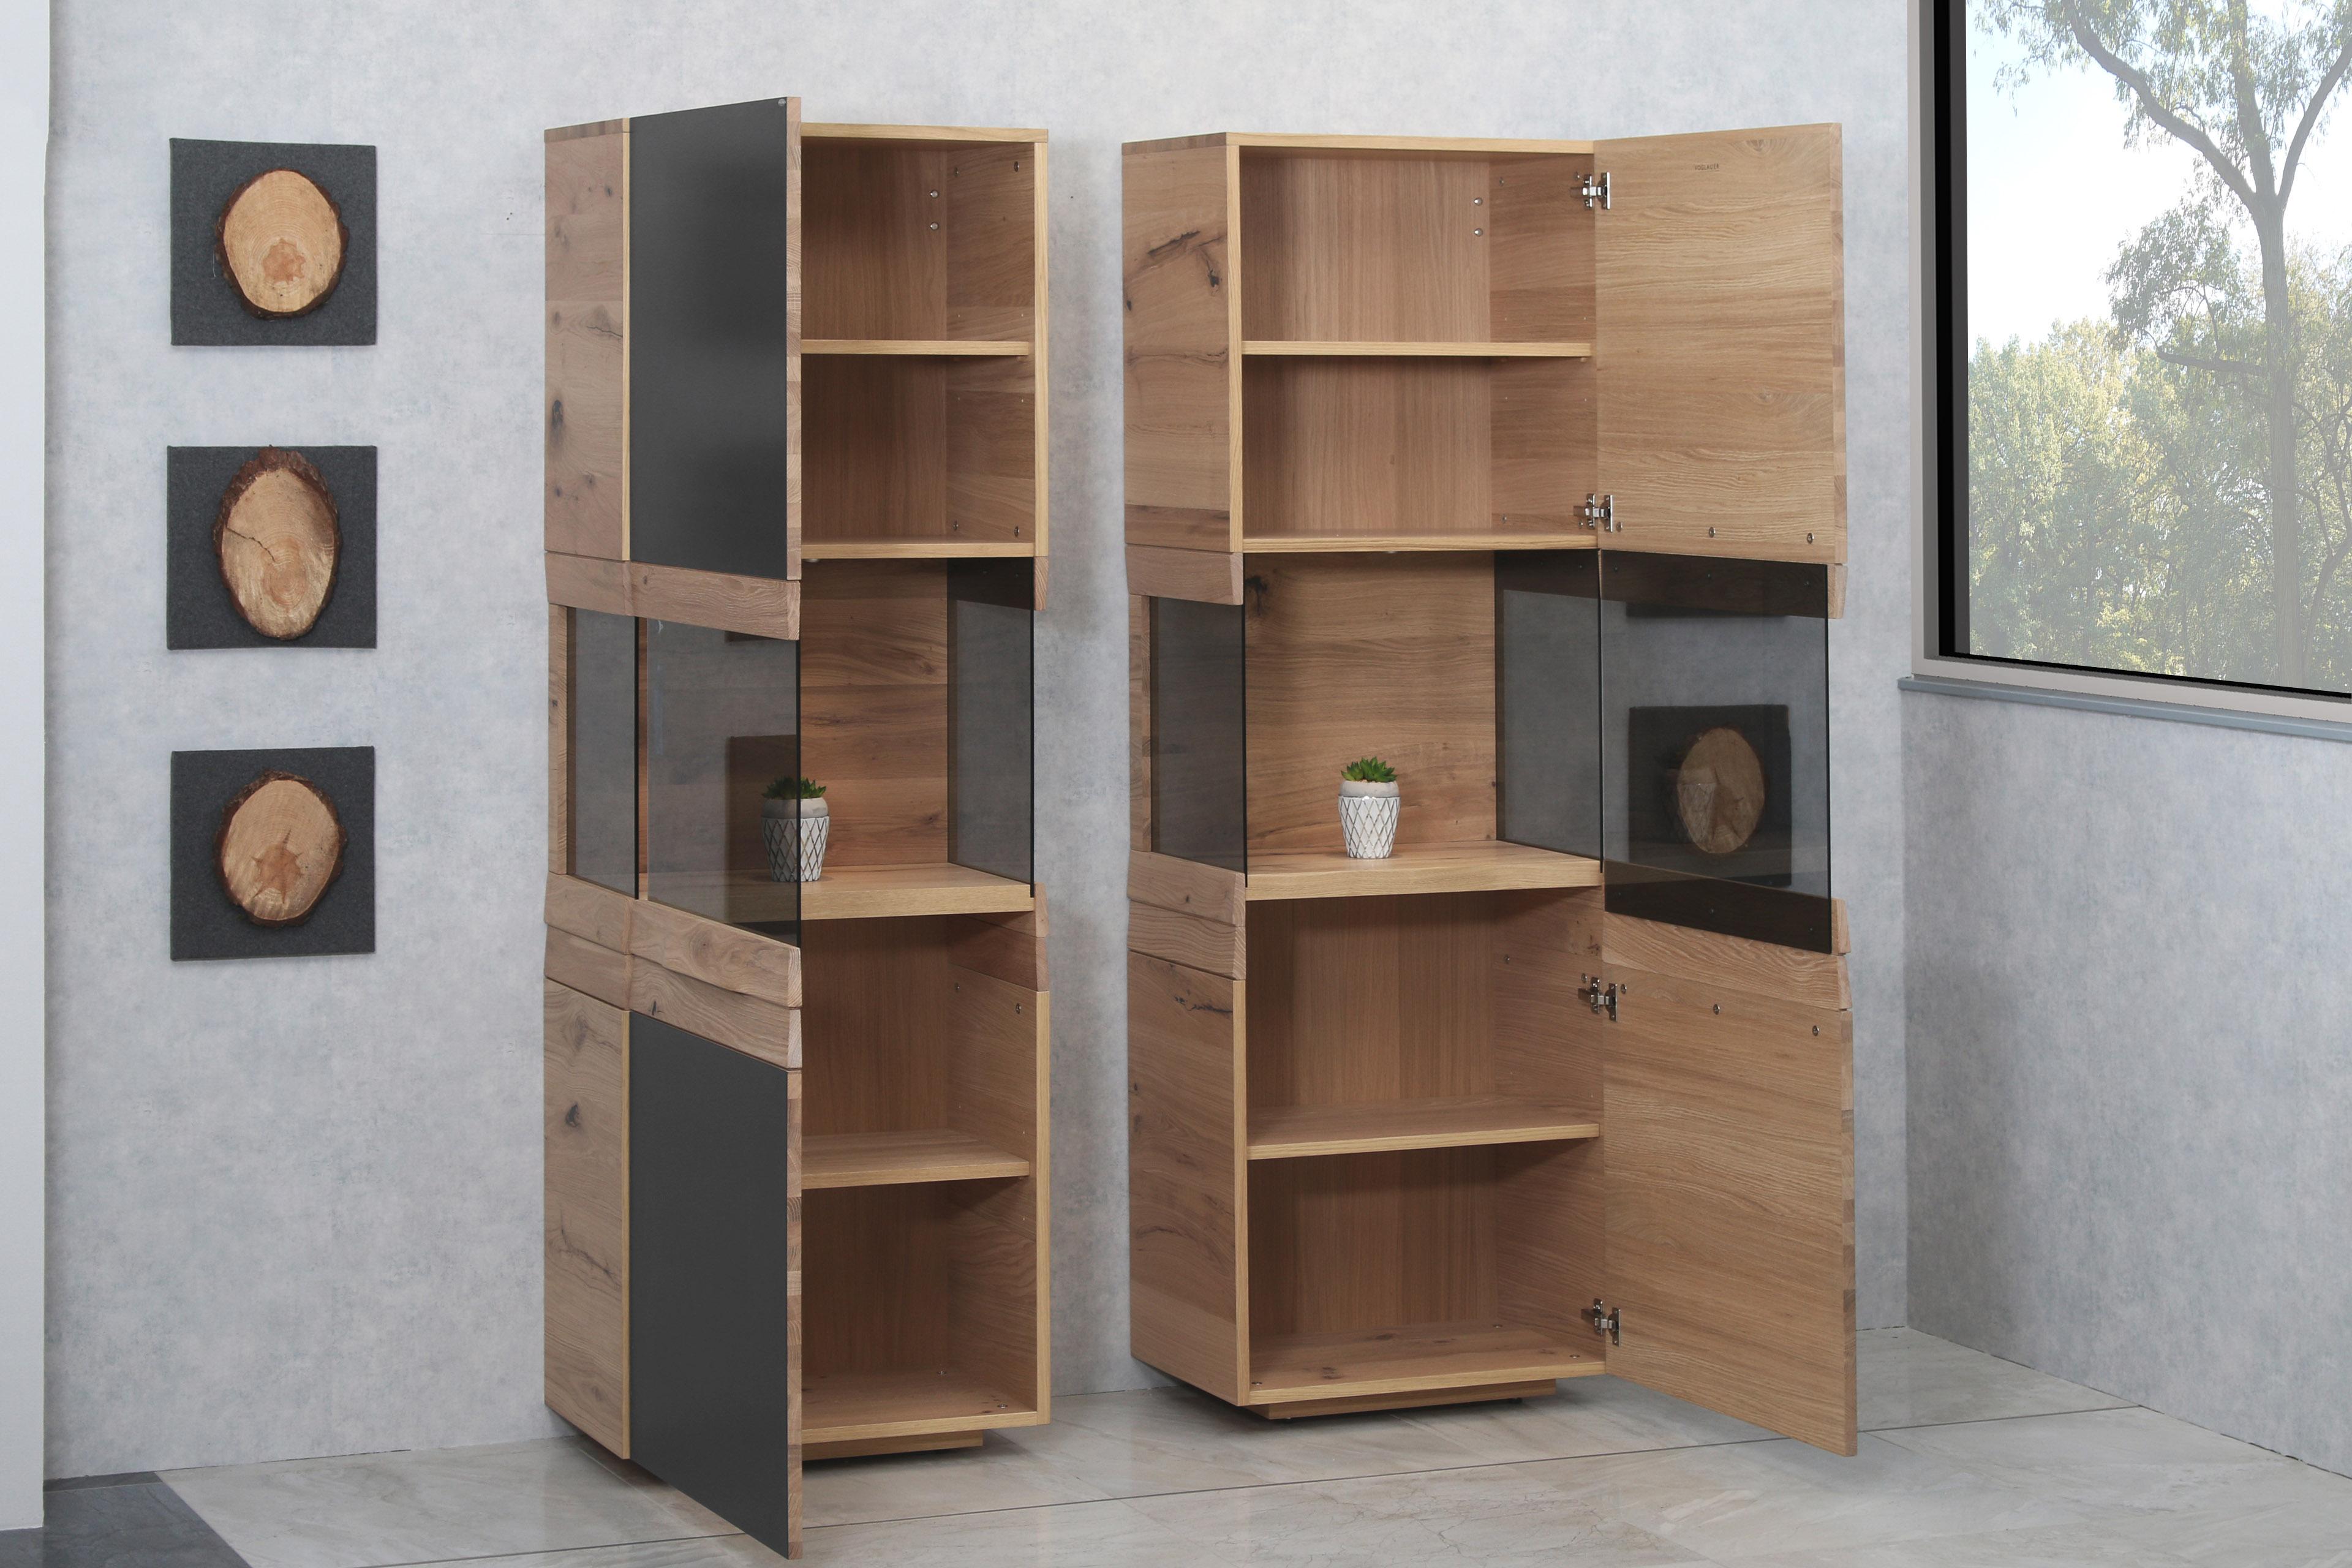 voglauer vitrinen v organo living wildeiche m bel letz ihr online shop. Black Bedroom Furniture Sets. Home Design Ideas